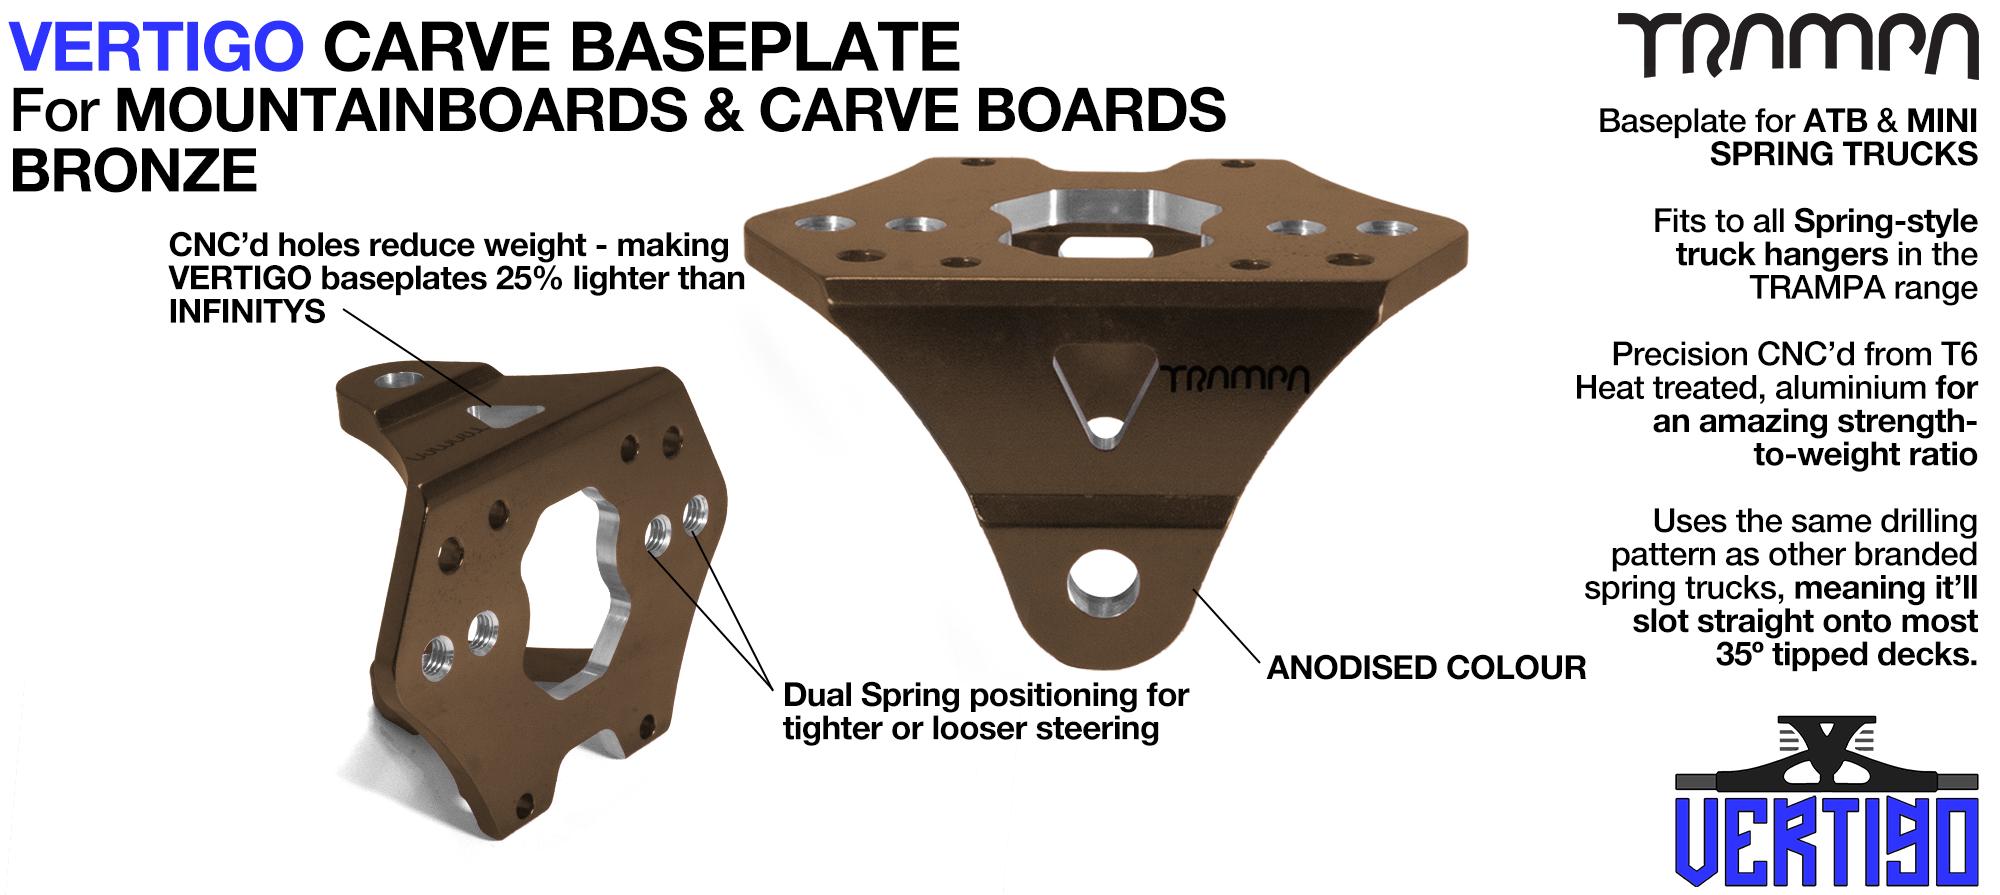 VERTIGO Baseplate BRONZE - T6 Aluminum Anodised & CNC lightened - Black logo  Carve